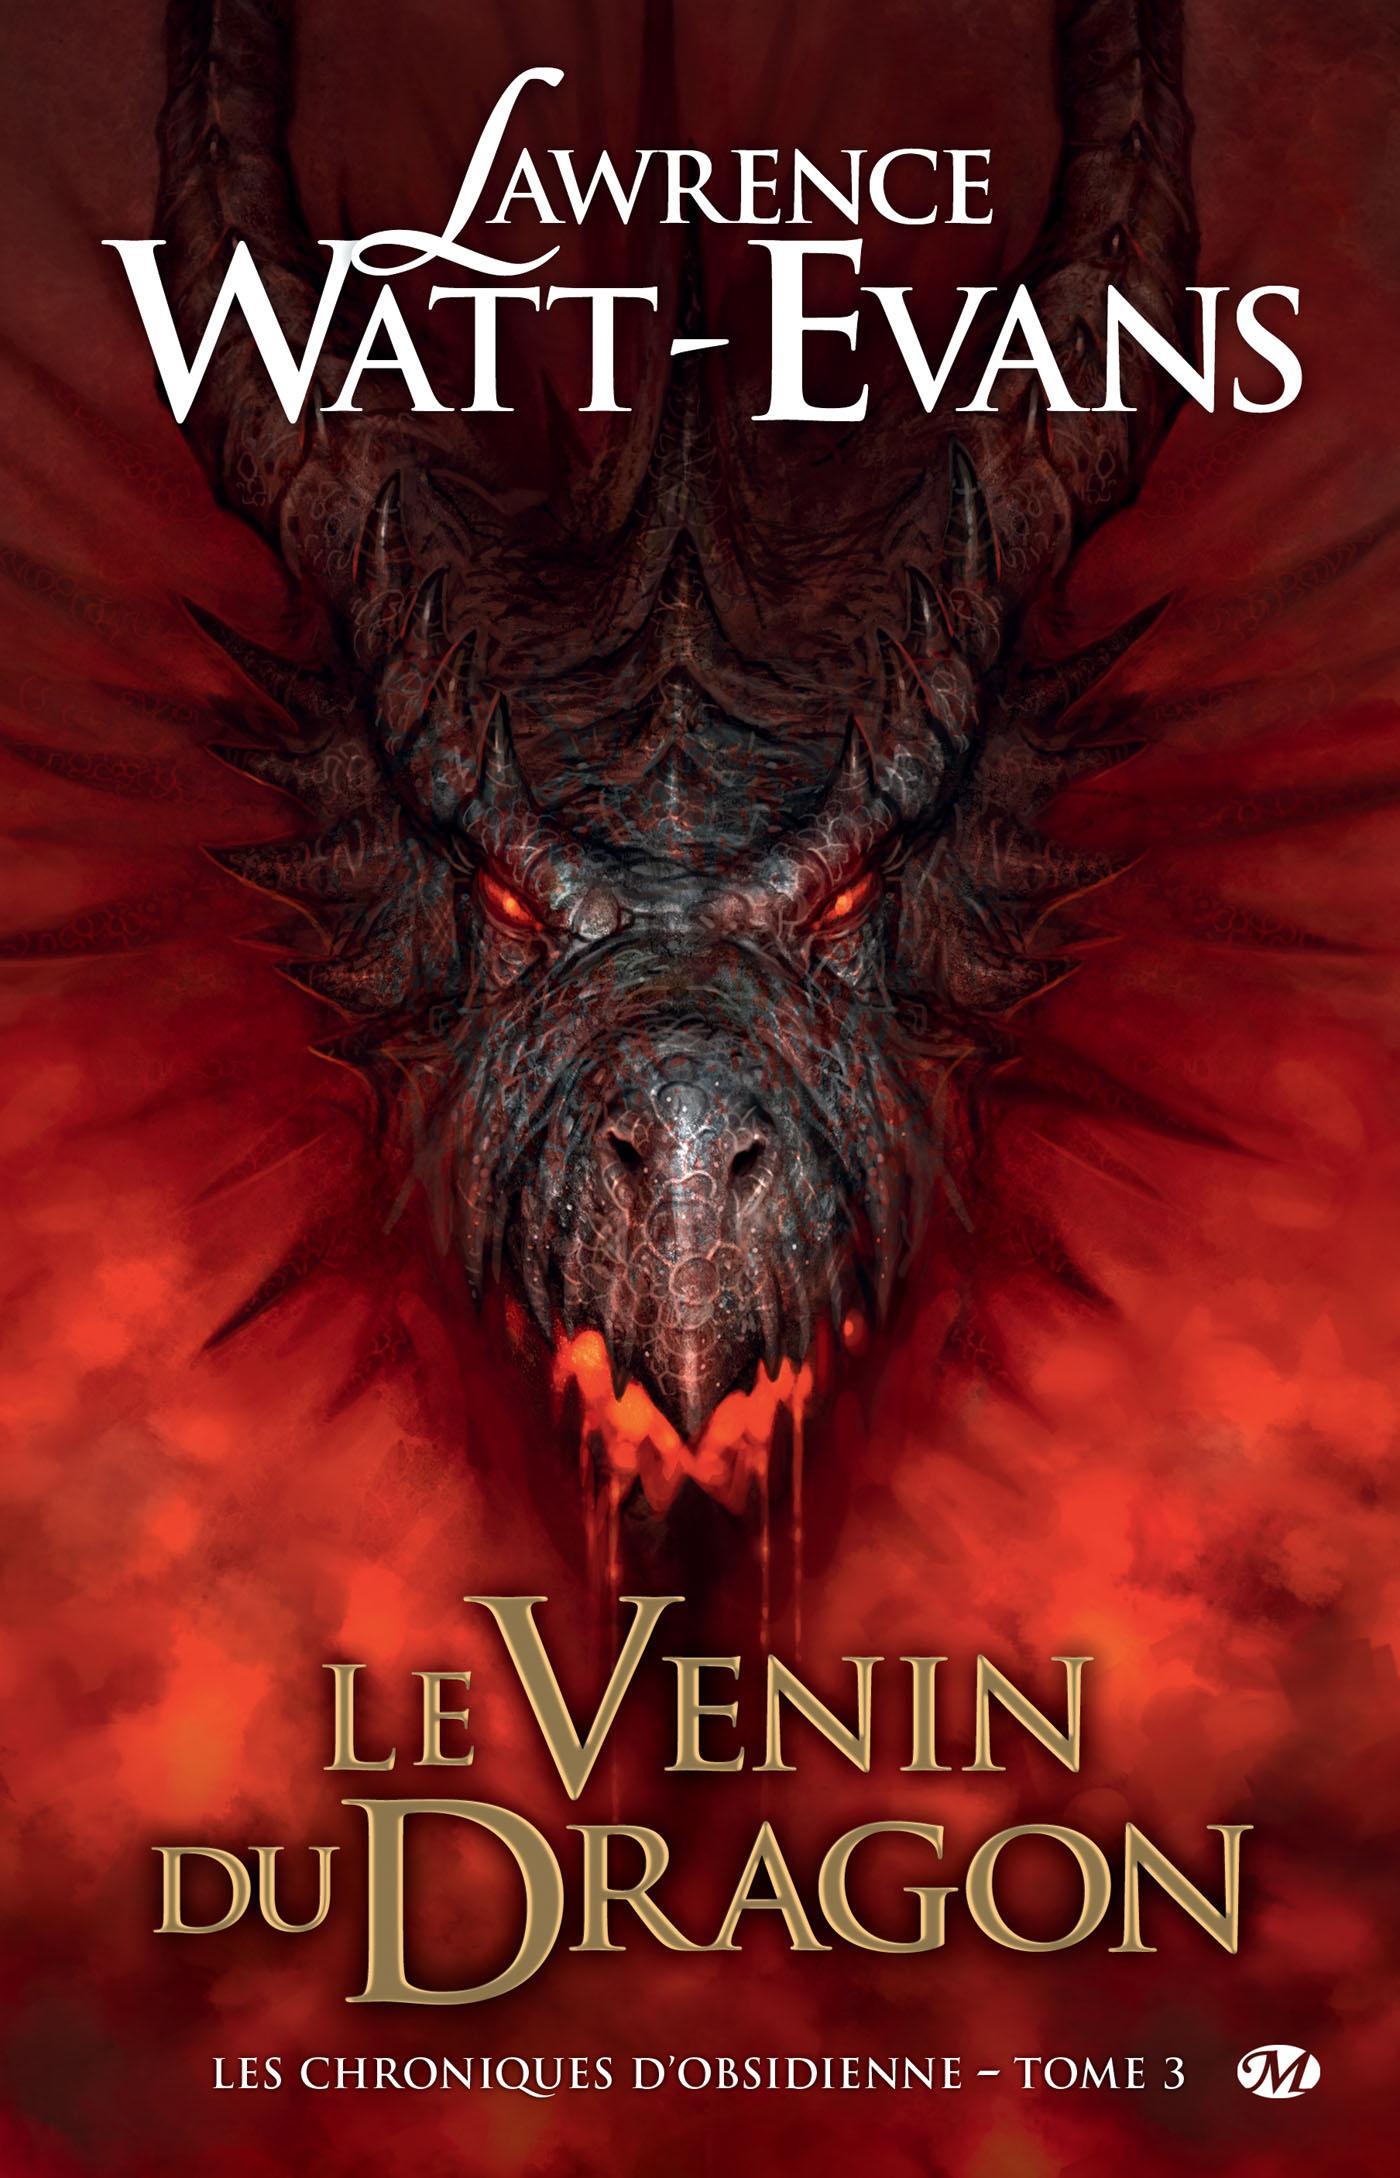 Le Venin du dragon, LES CHRONIQUES D'OBSIDIENNE, T3